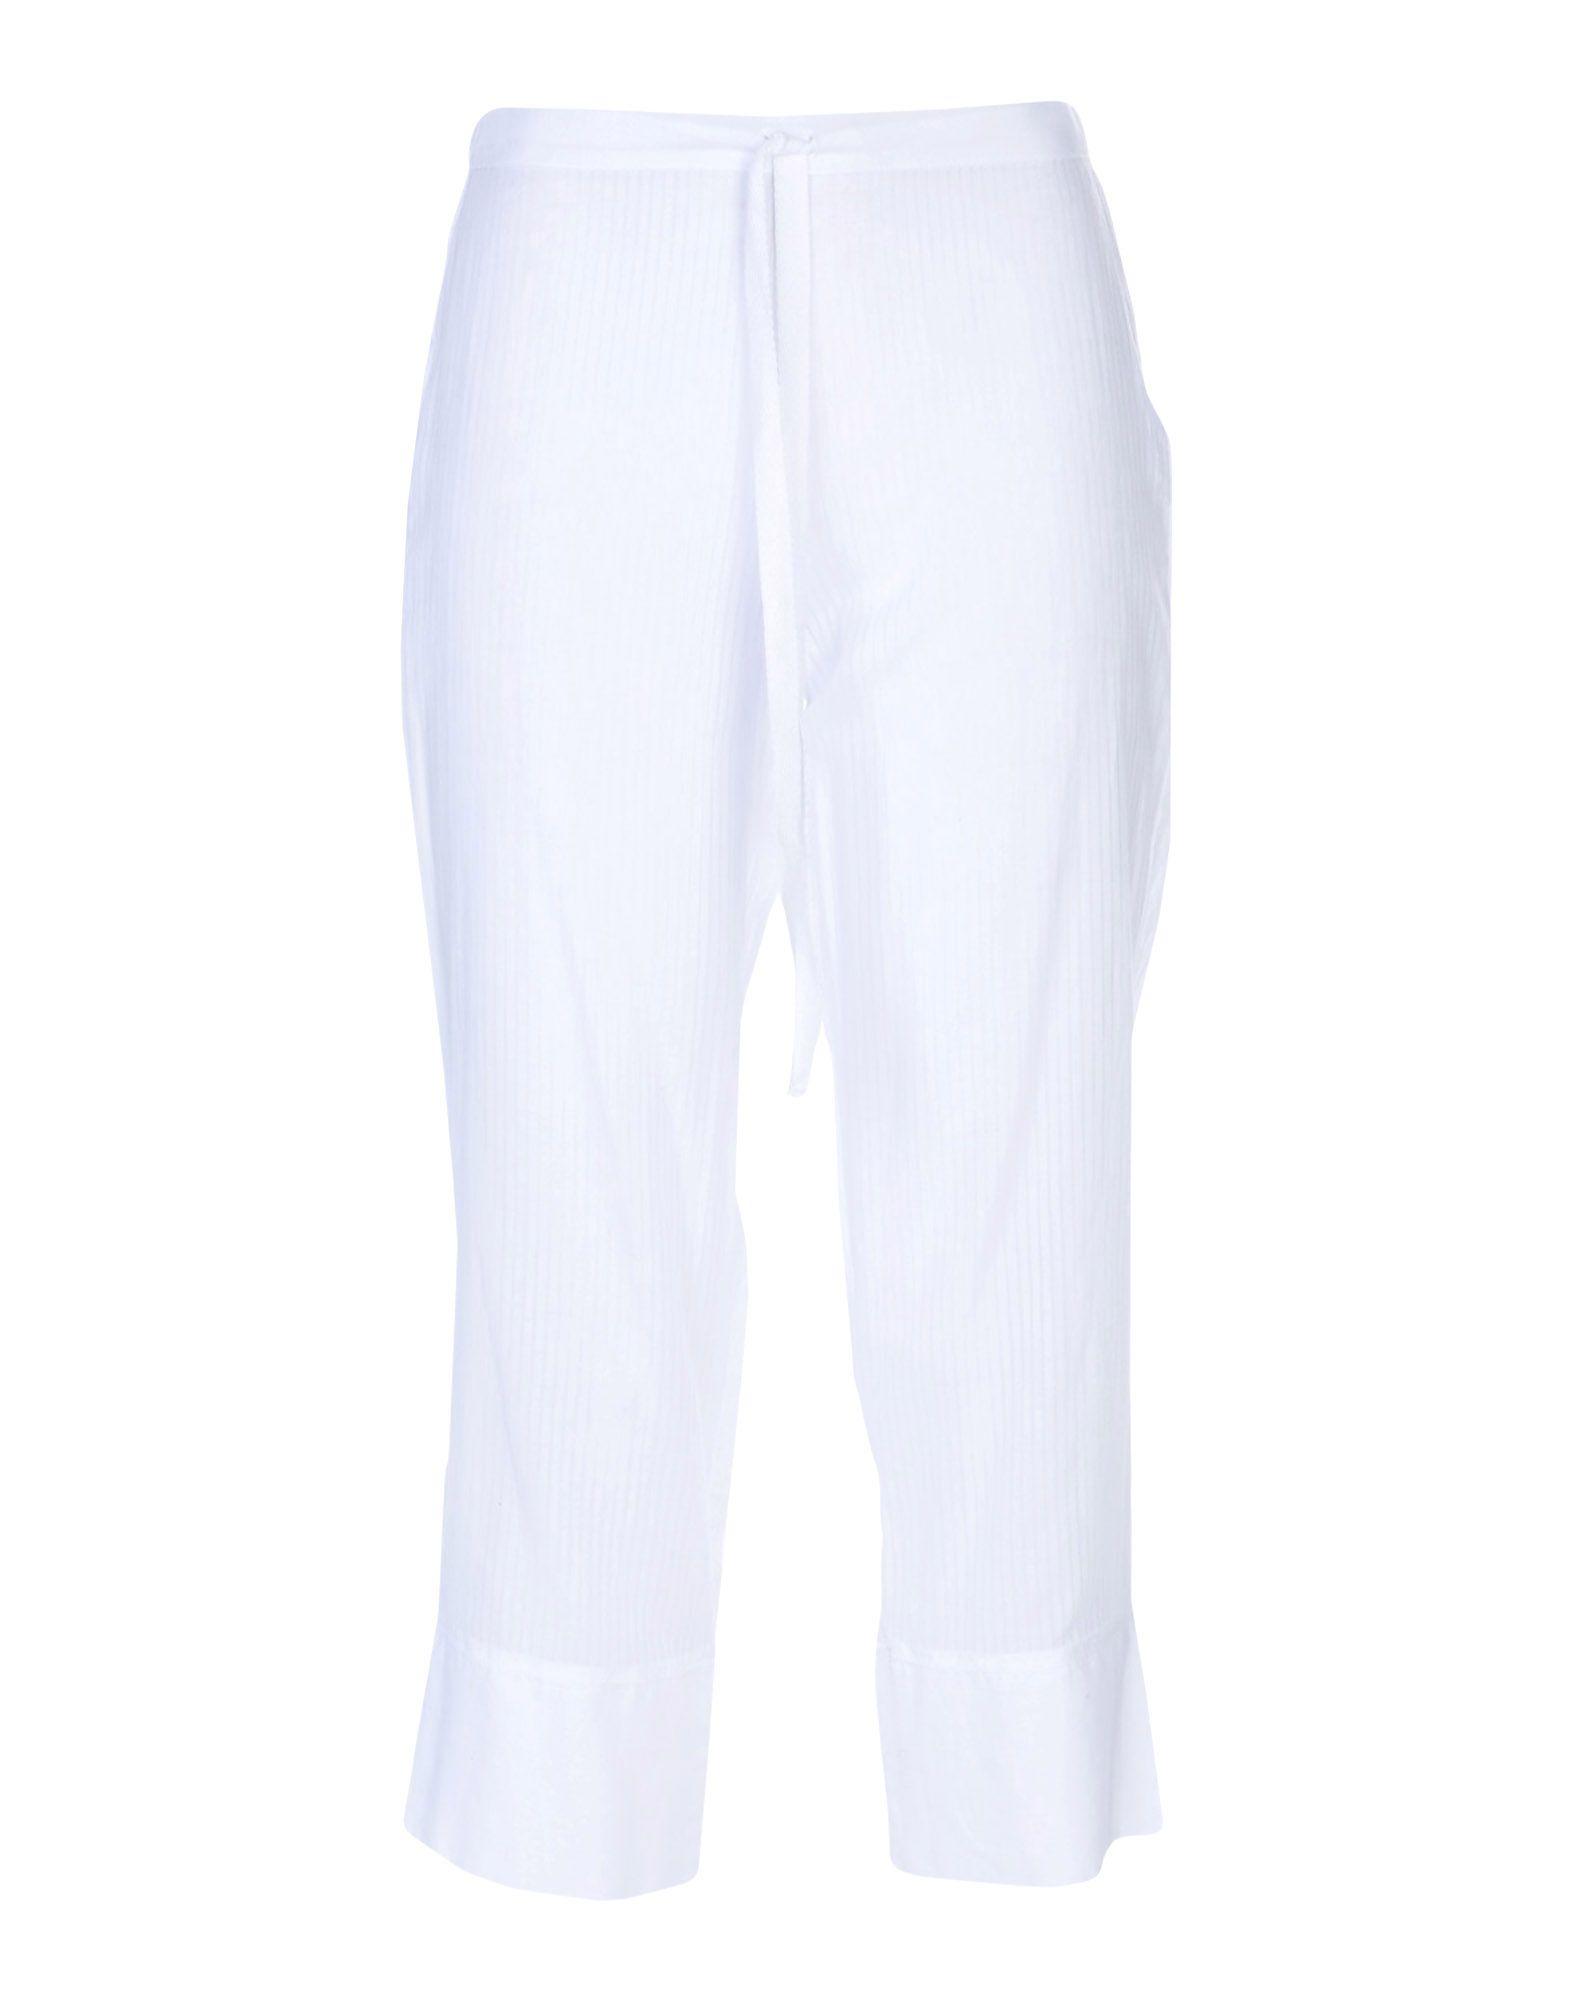 SKIN レディース パジャマ ホワイト 0 ピマコットン 100%